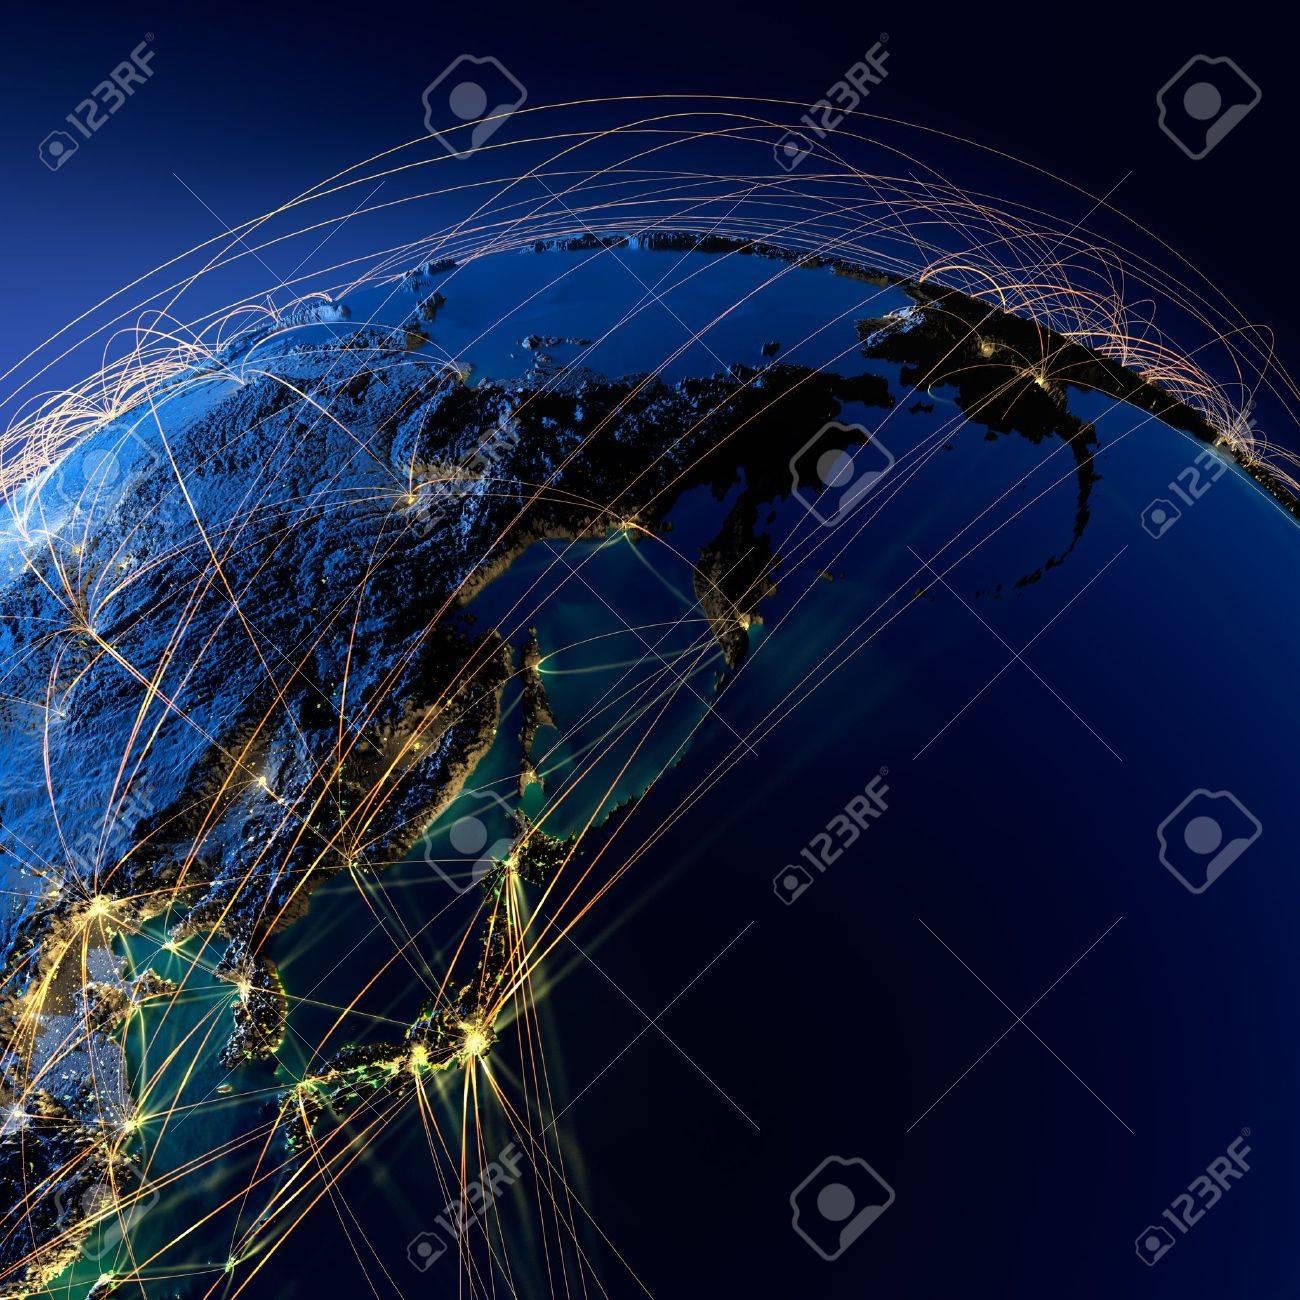 Sehr Detaillierte Planeten Erde Bei Nacht Mit Geprägtem Kontinenten